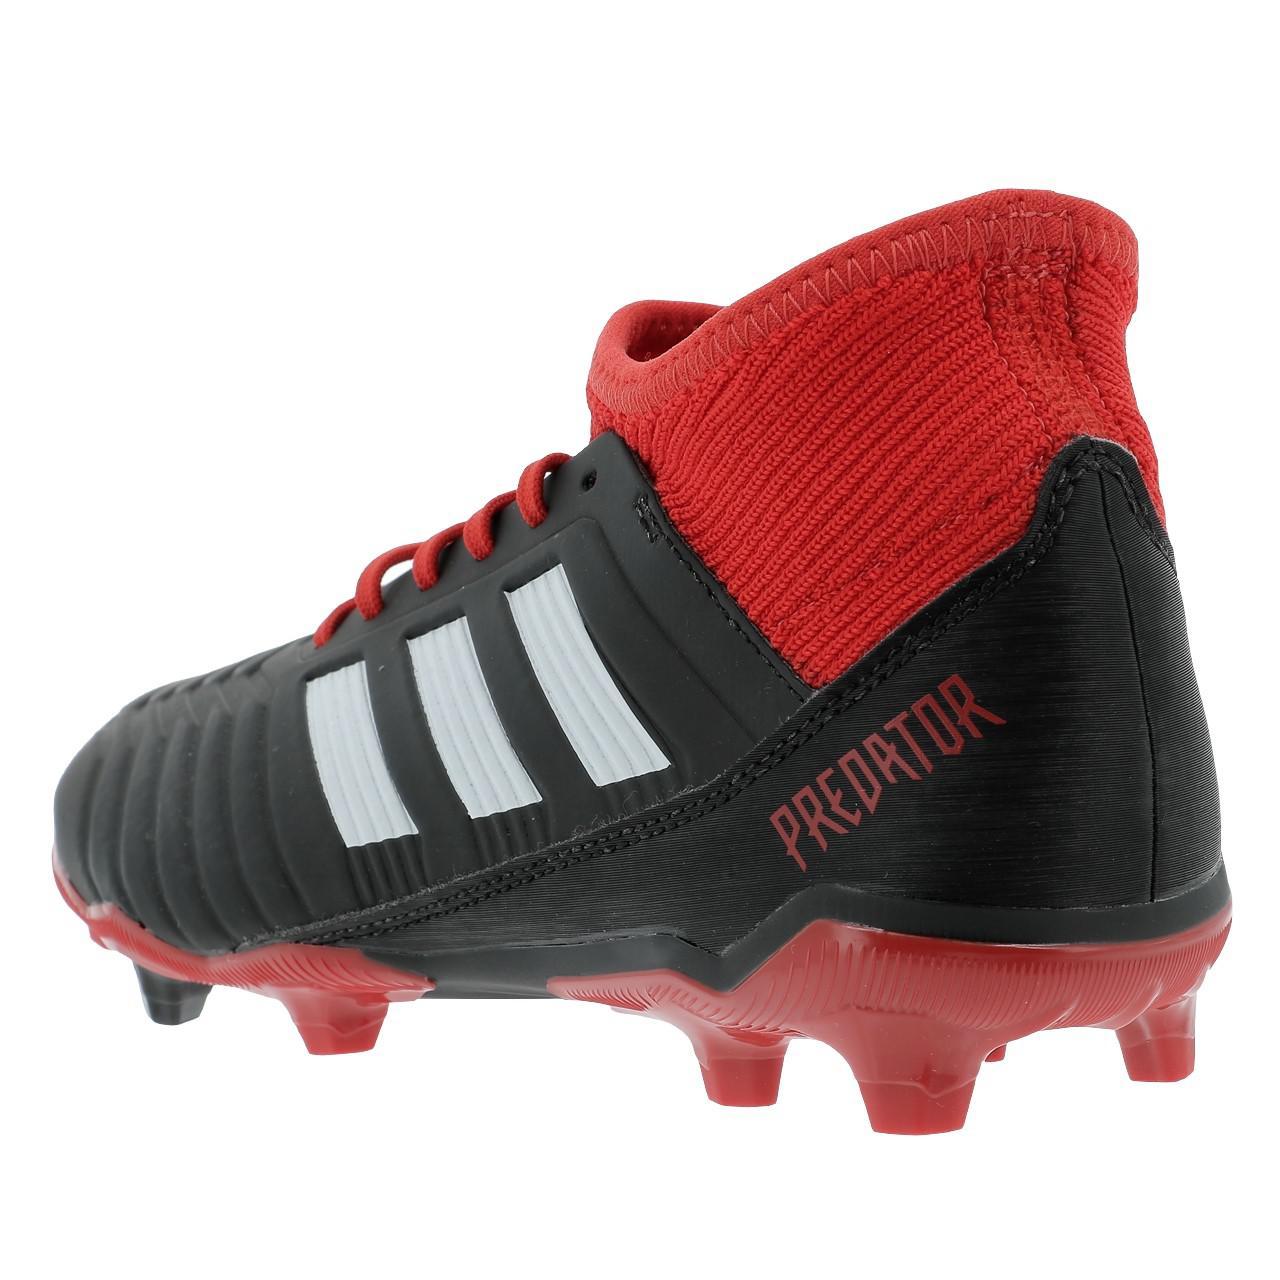 Football-Shoes-Flap-Adidas-Predator-18-3-Fg-Jr-Black-36196-New